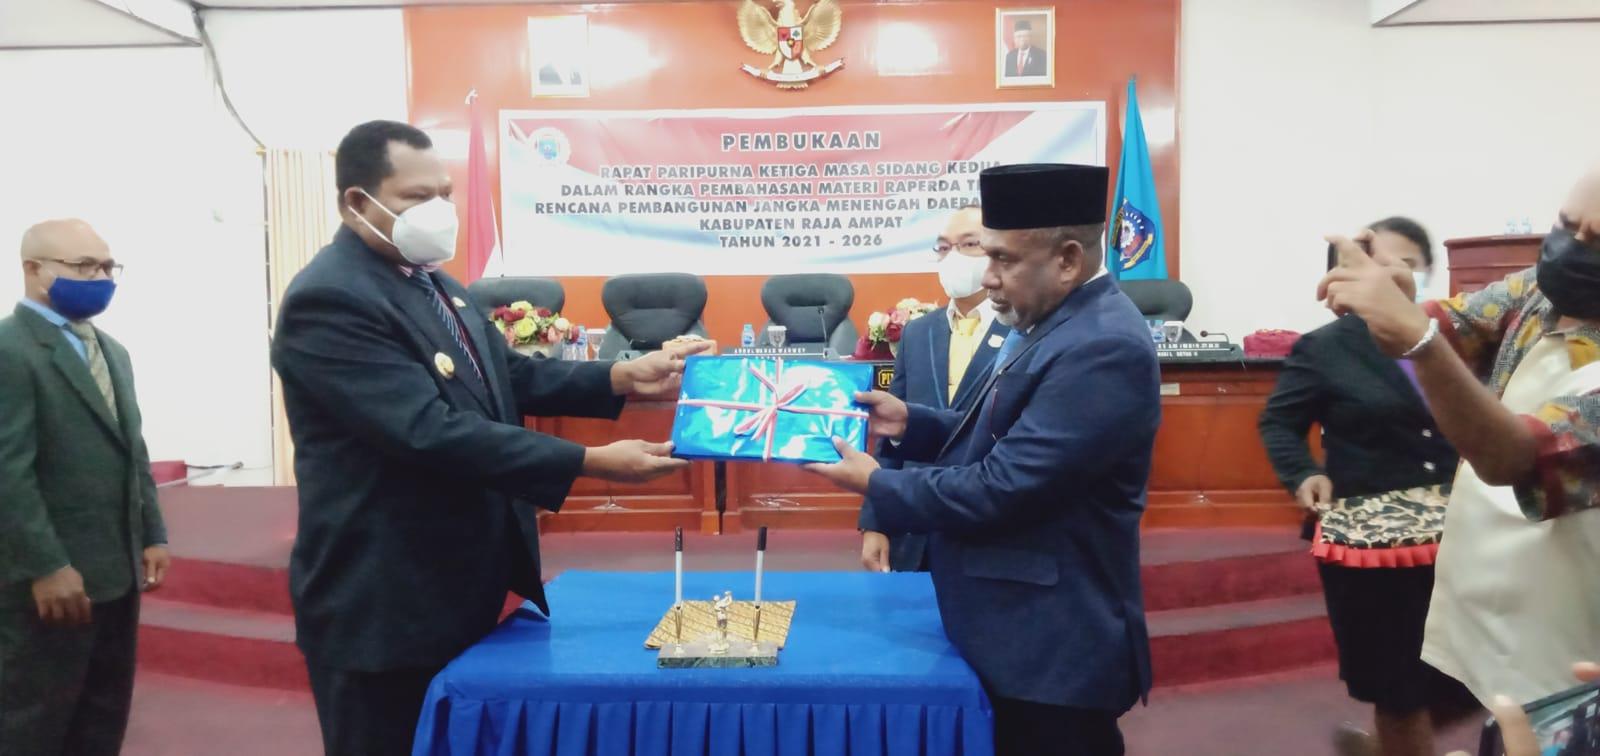 RPJMD Kabupaten R4 Tahun 2021-2026 Dibahas 4 IMG 20210823 WA0068